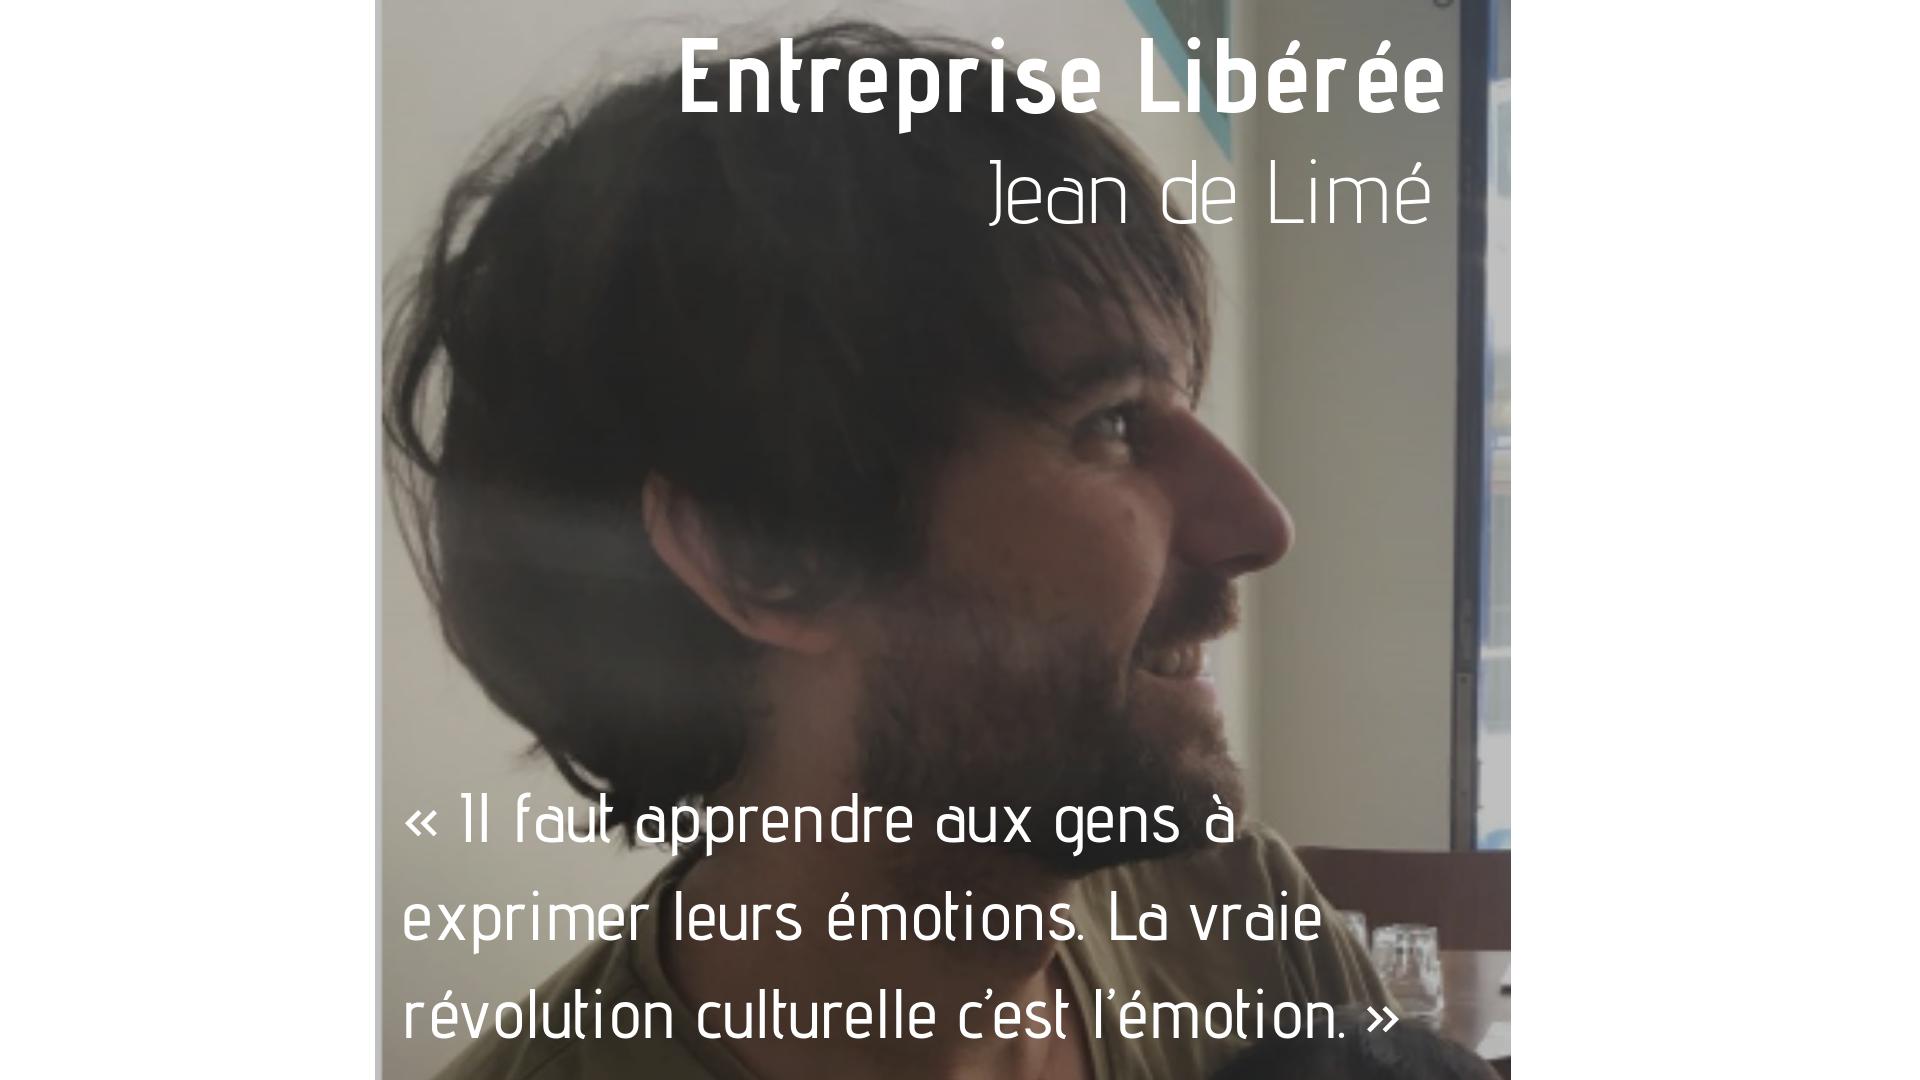 Entreprise Libérée | Interview de Jean de Limé, accompagnateur en ... Entreprise Libérée : Jean de Limé